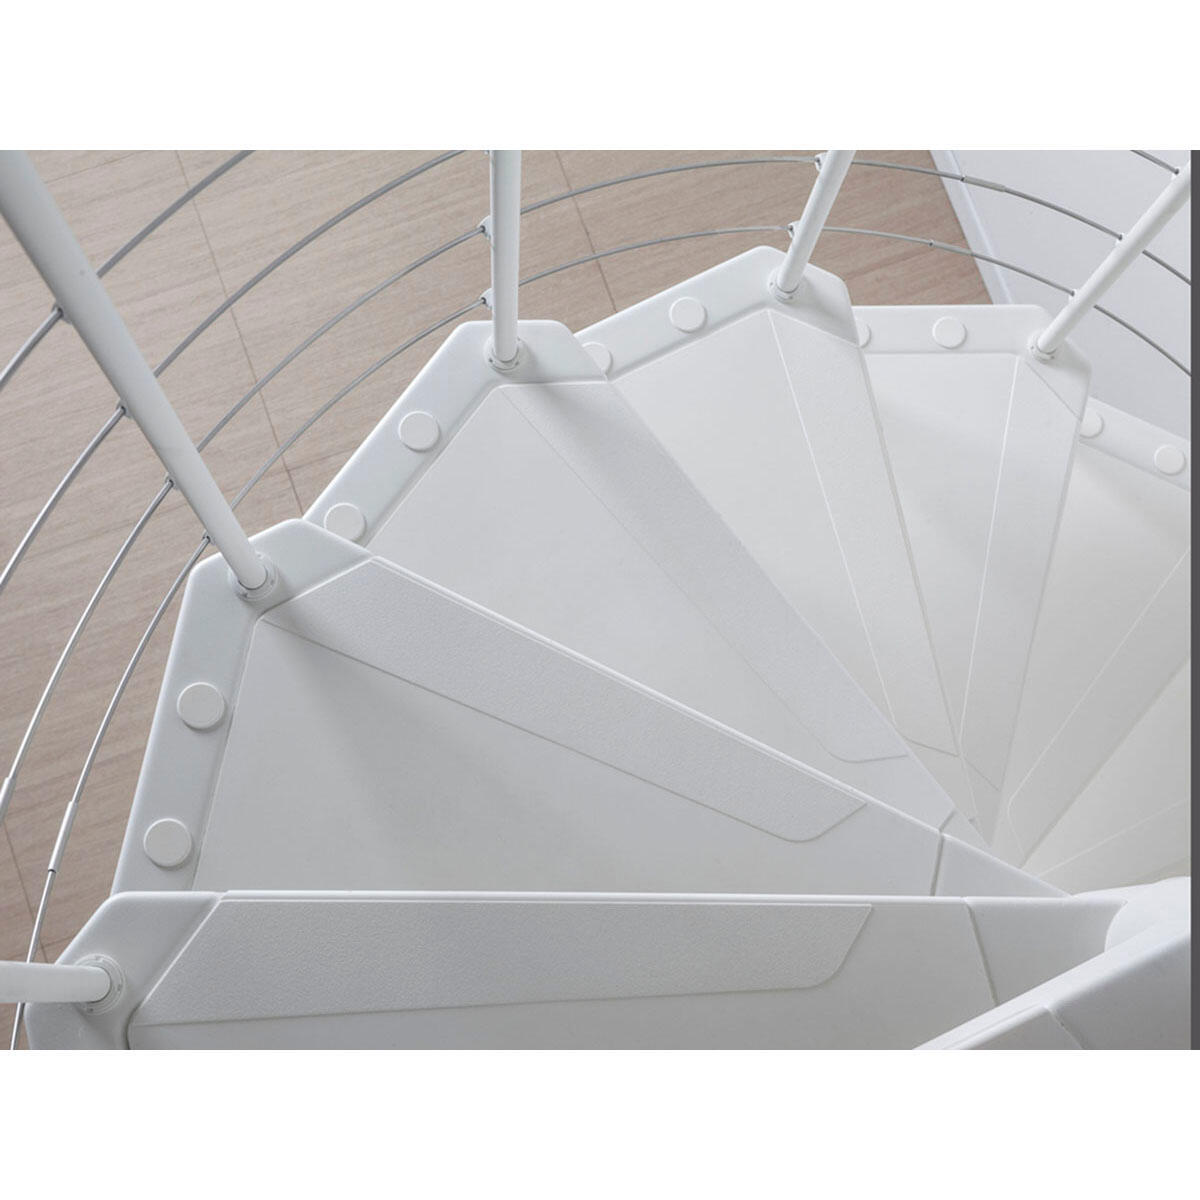 Scala a chiocciola tonda Gexi FONTANOT L 140 cm, gradino bianco, struttura bianco - 4